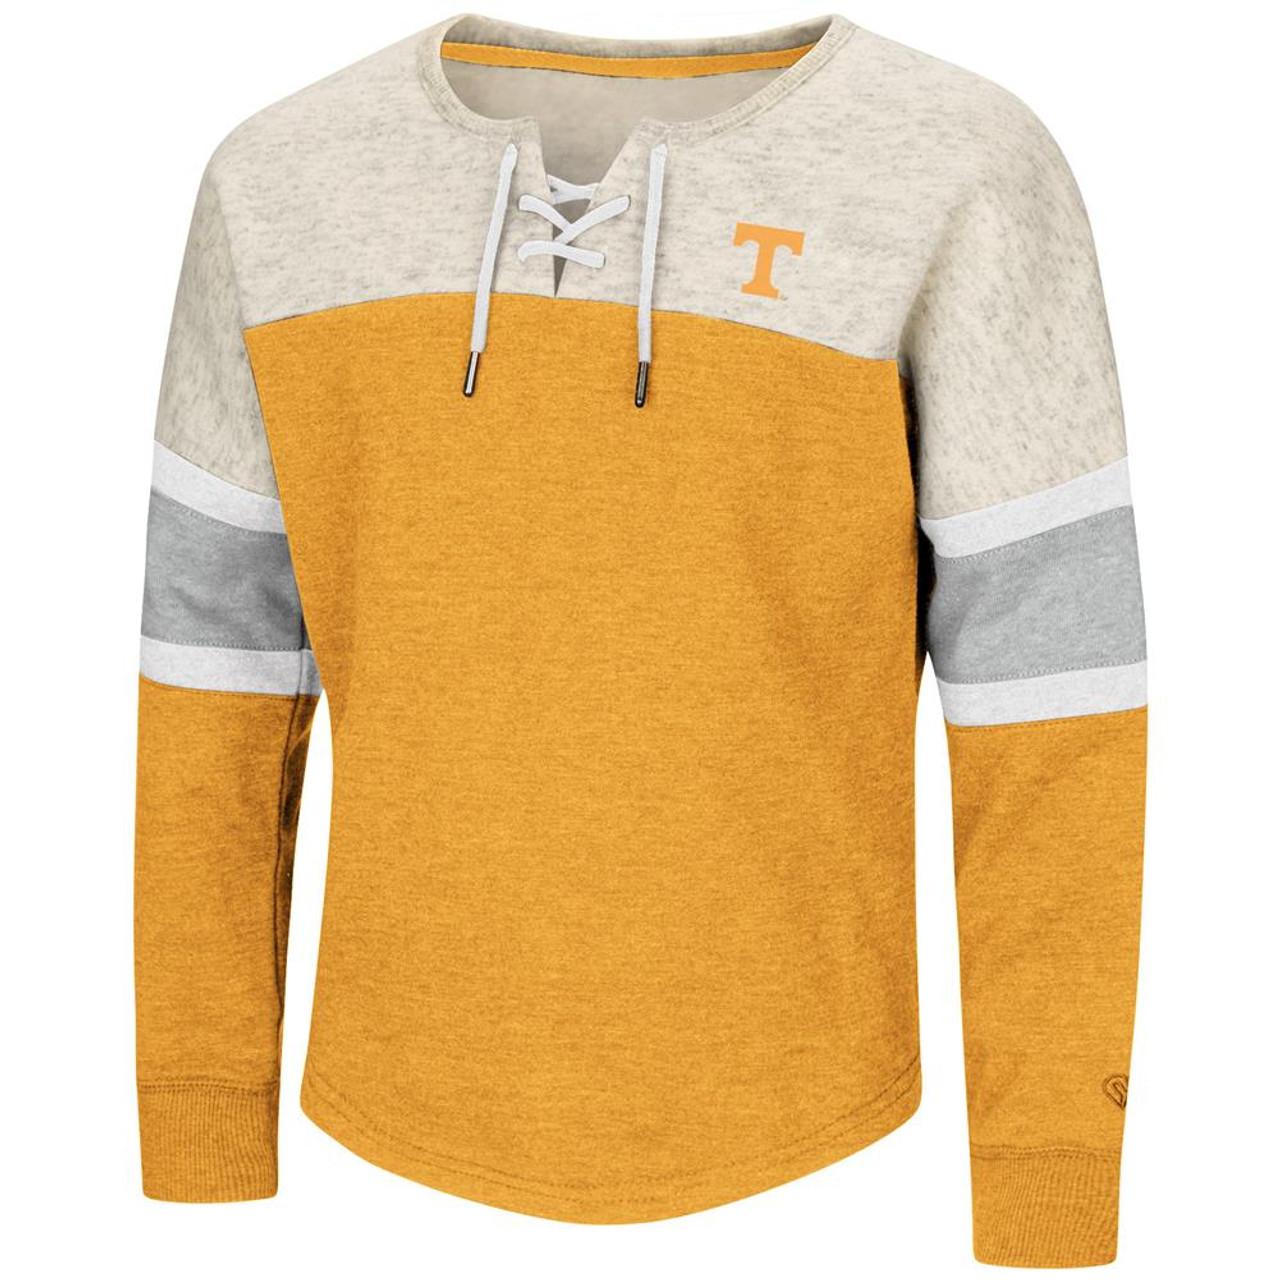 Tennessee Volunteers Vols UT Girls Sweatshirt Oversized Pullover